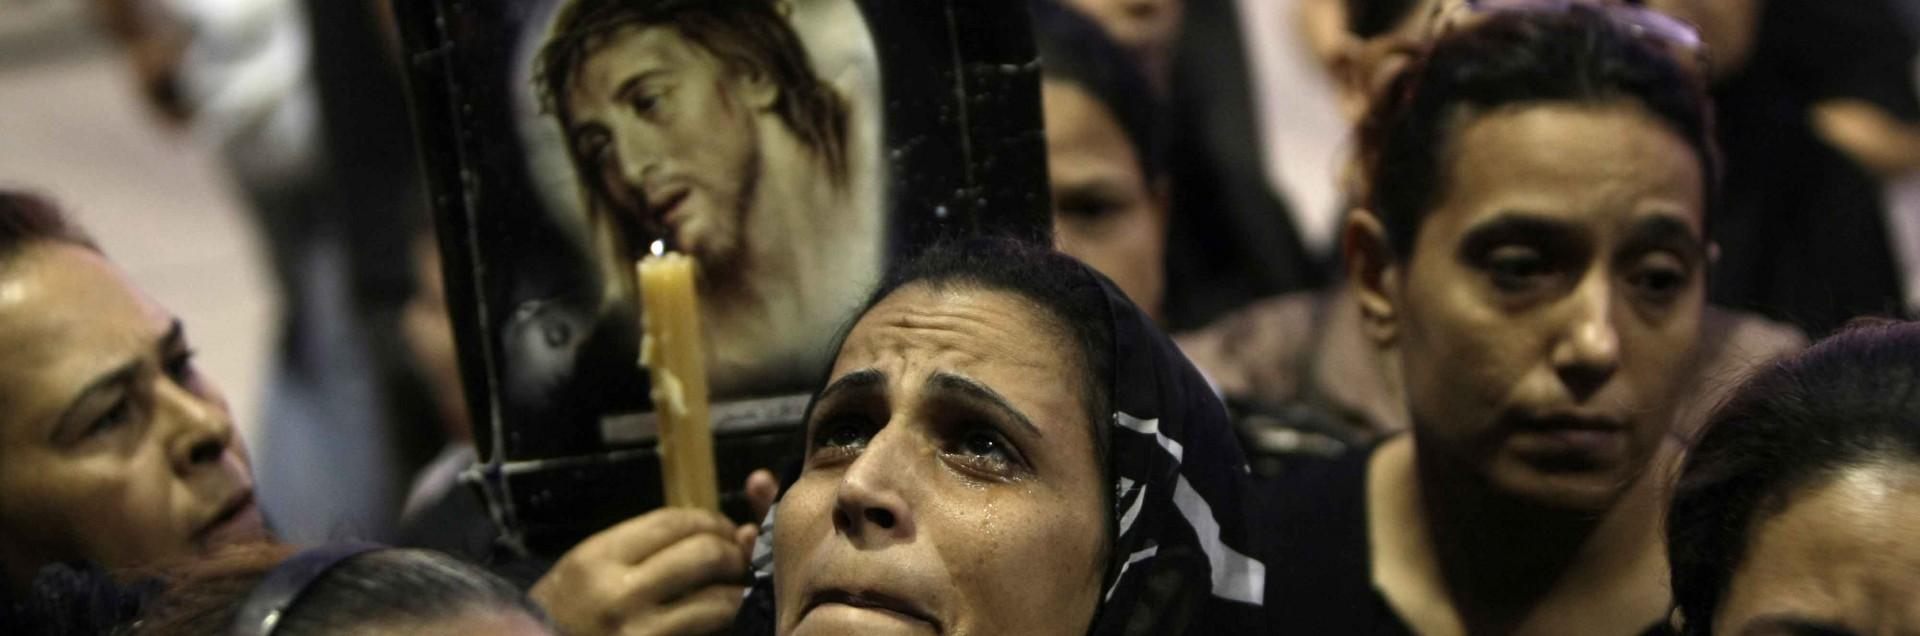 In Siria, tra i <br>cristiani in guerra